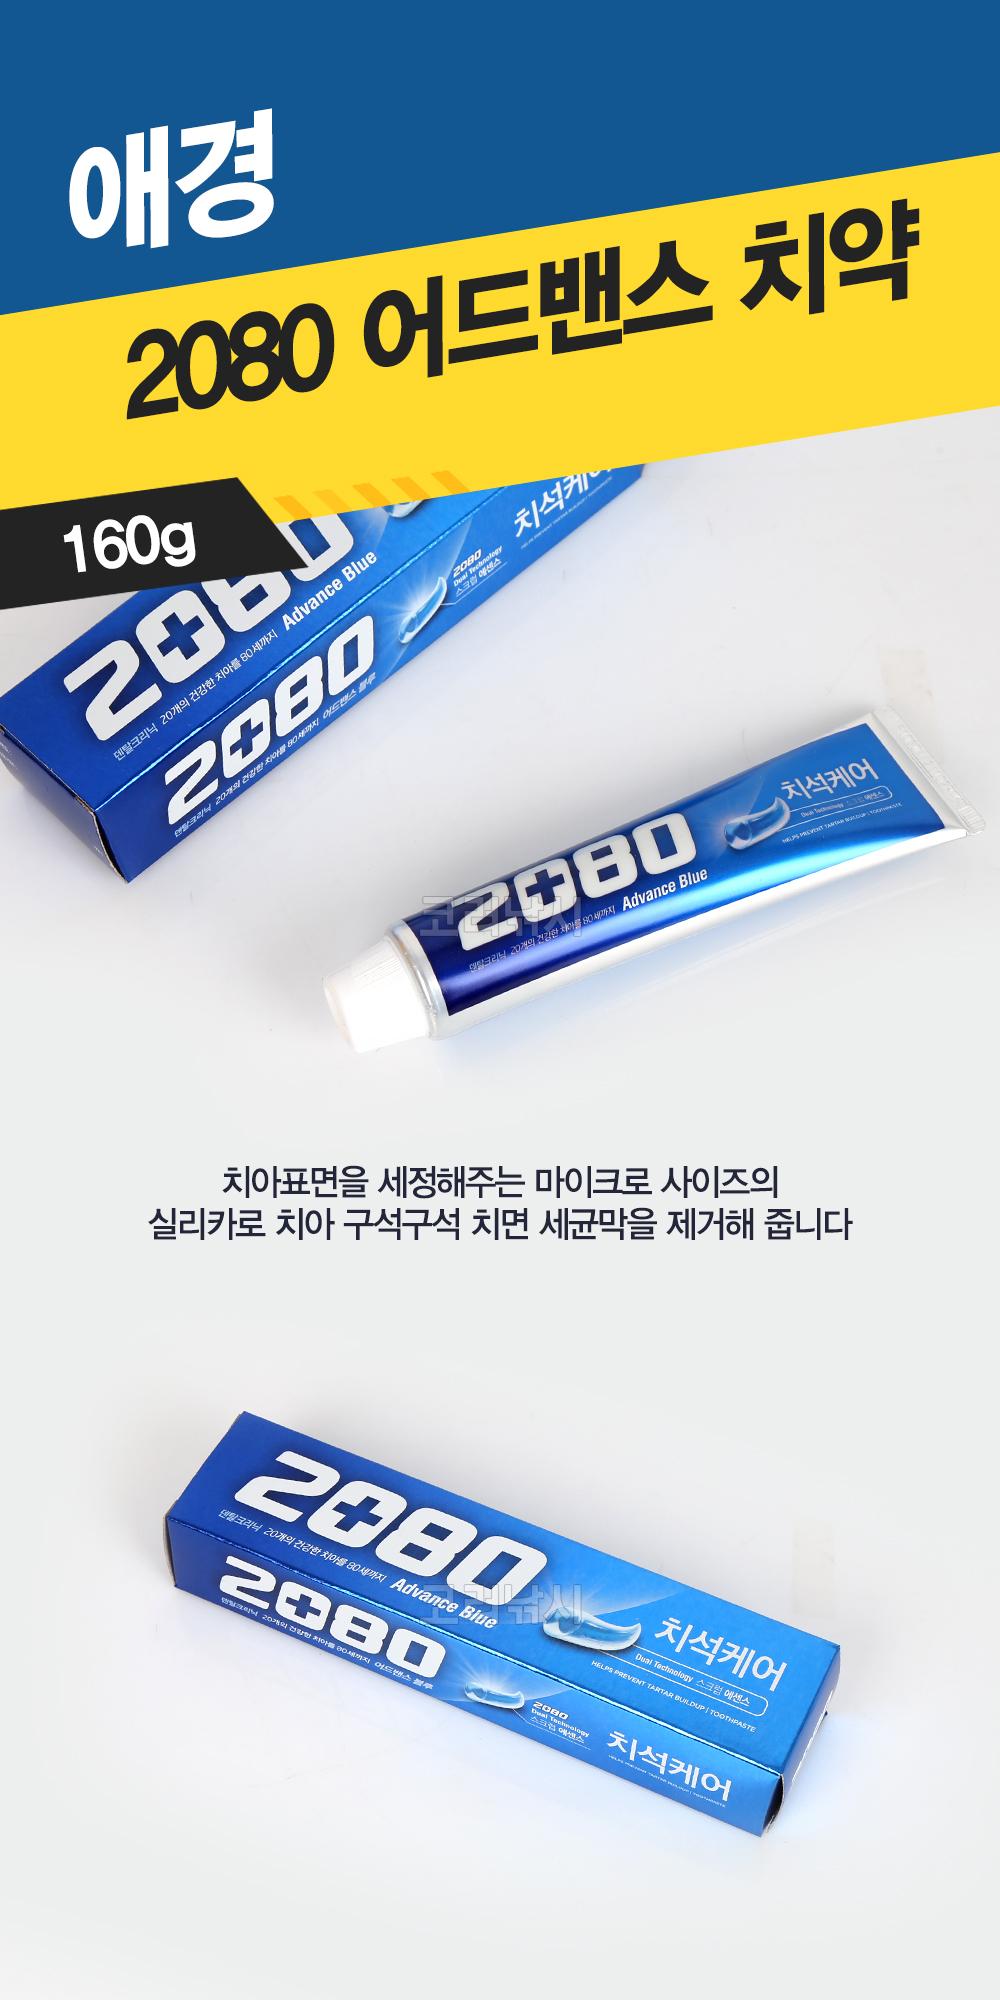 애경 2080 어드밴스 치약